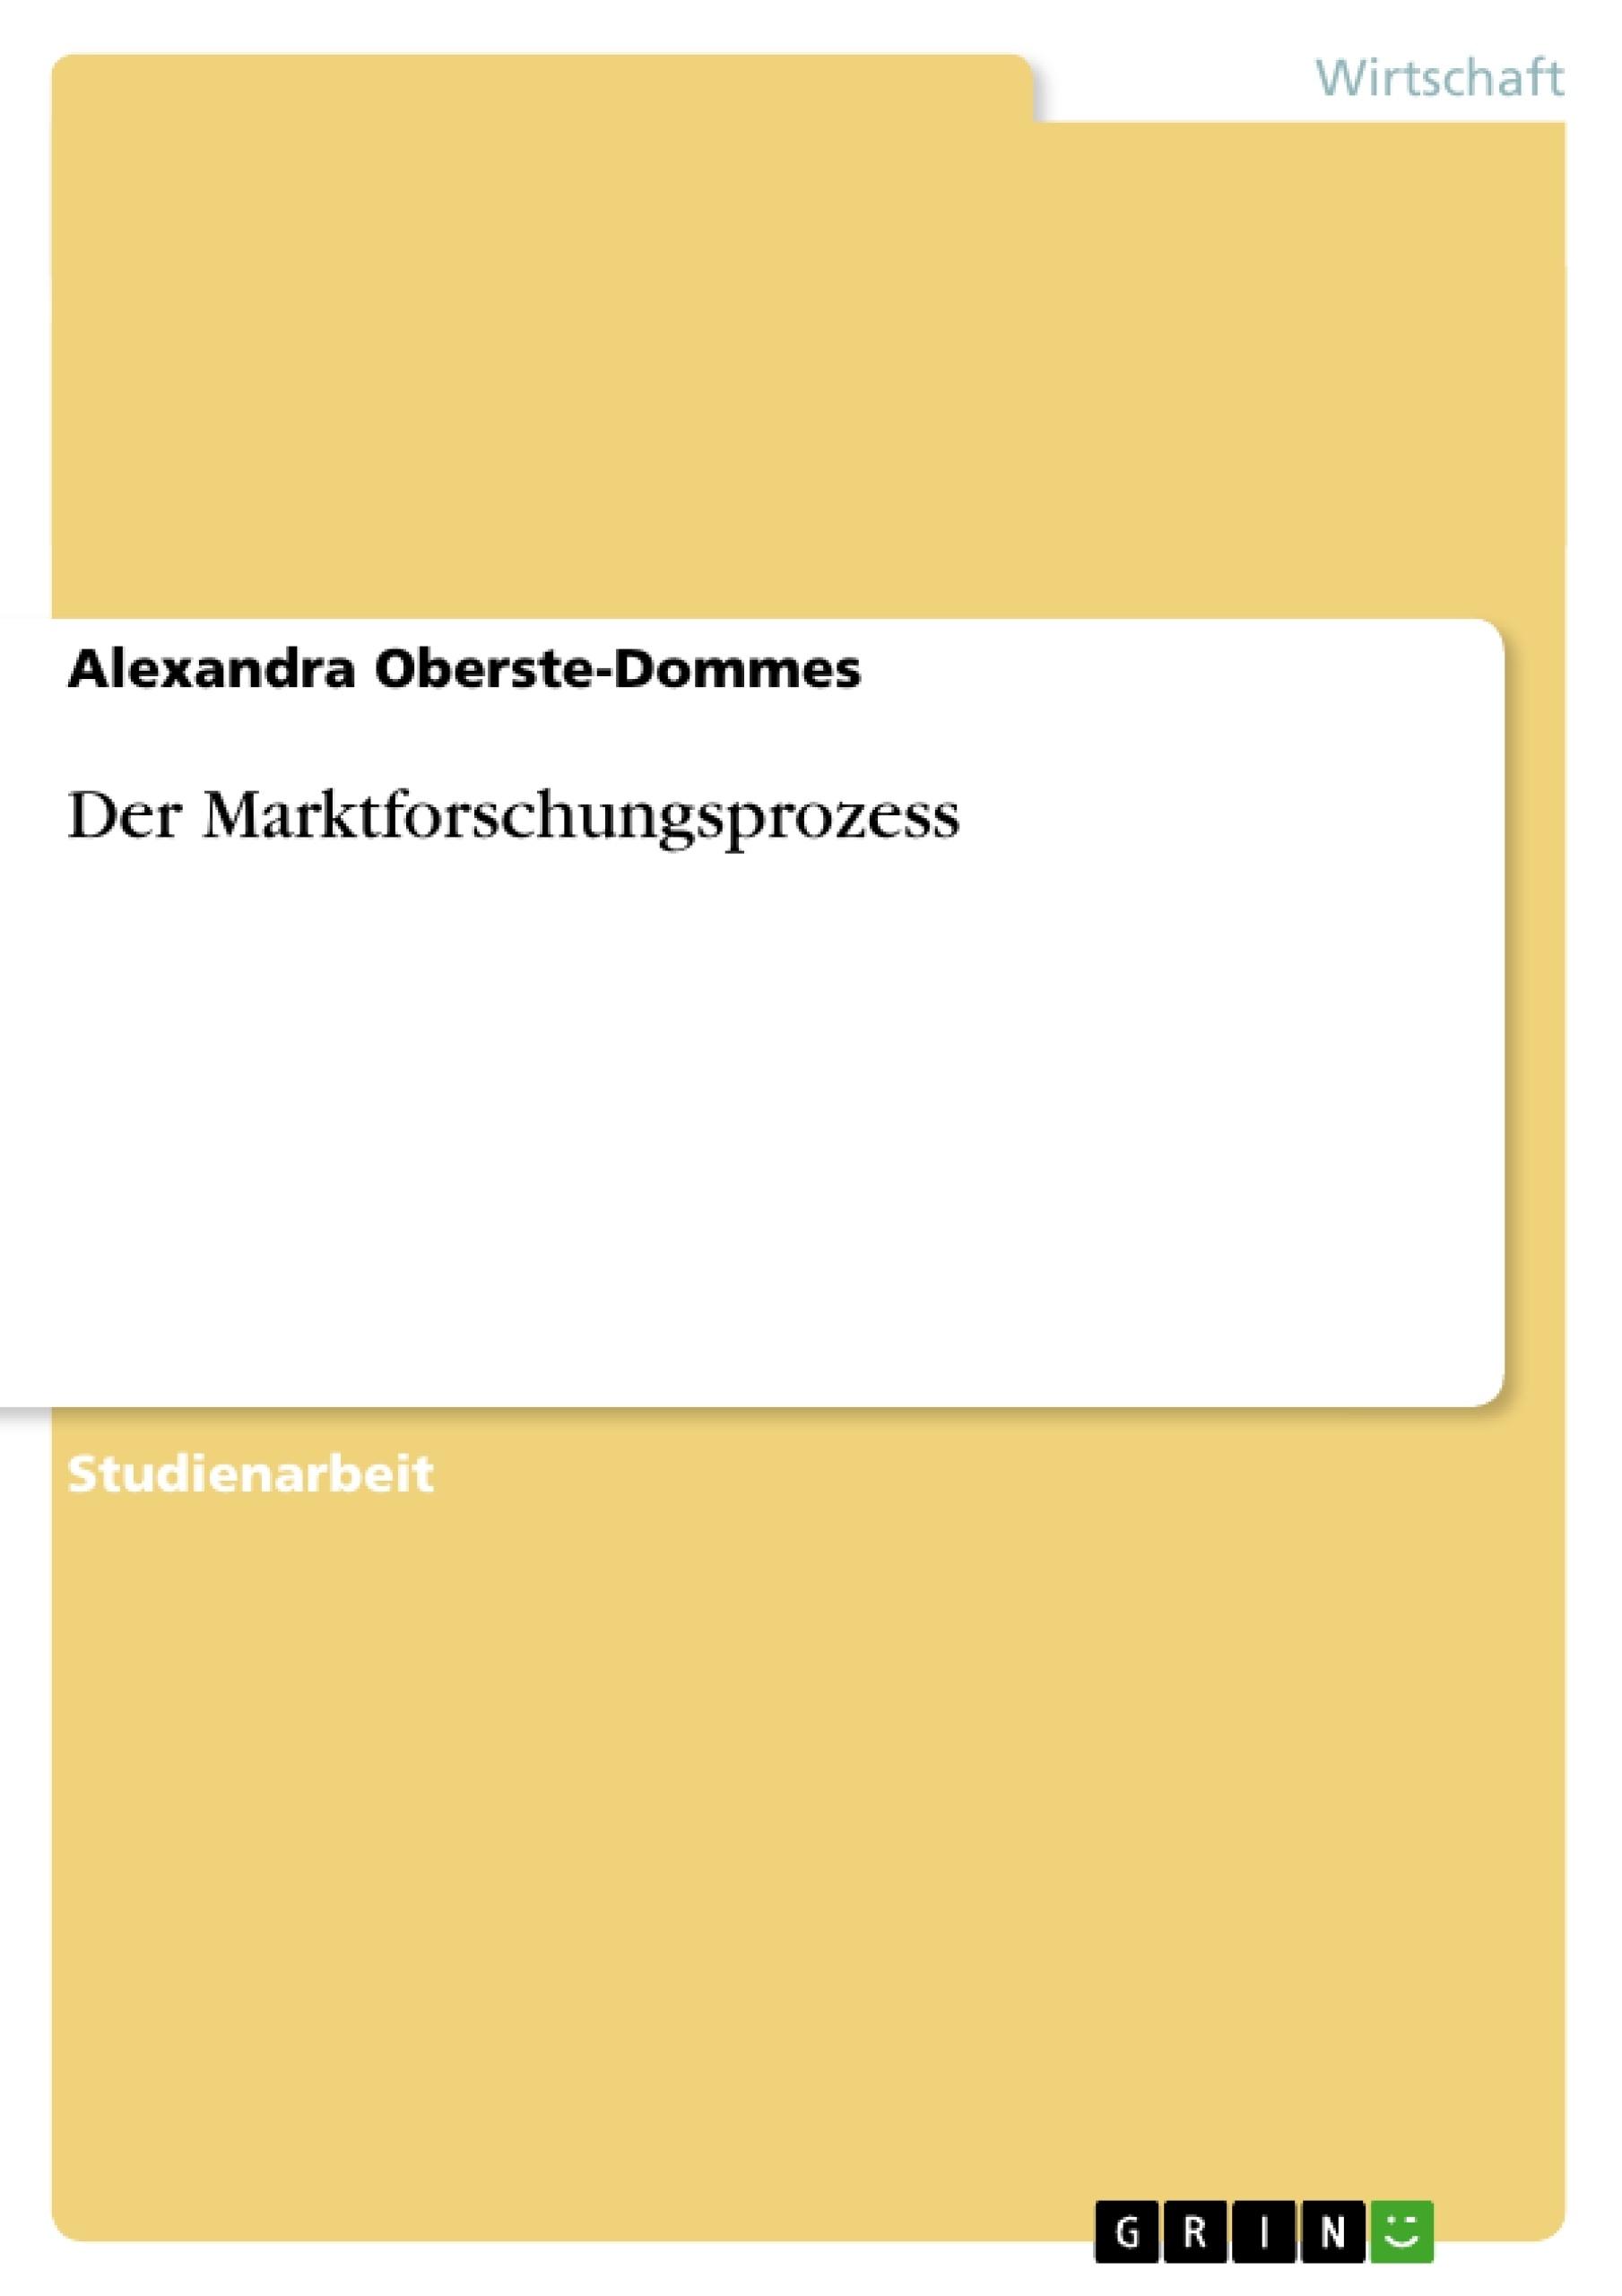 Titel: Der Marktforschungsprozess